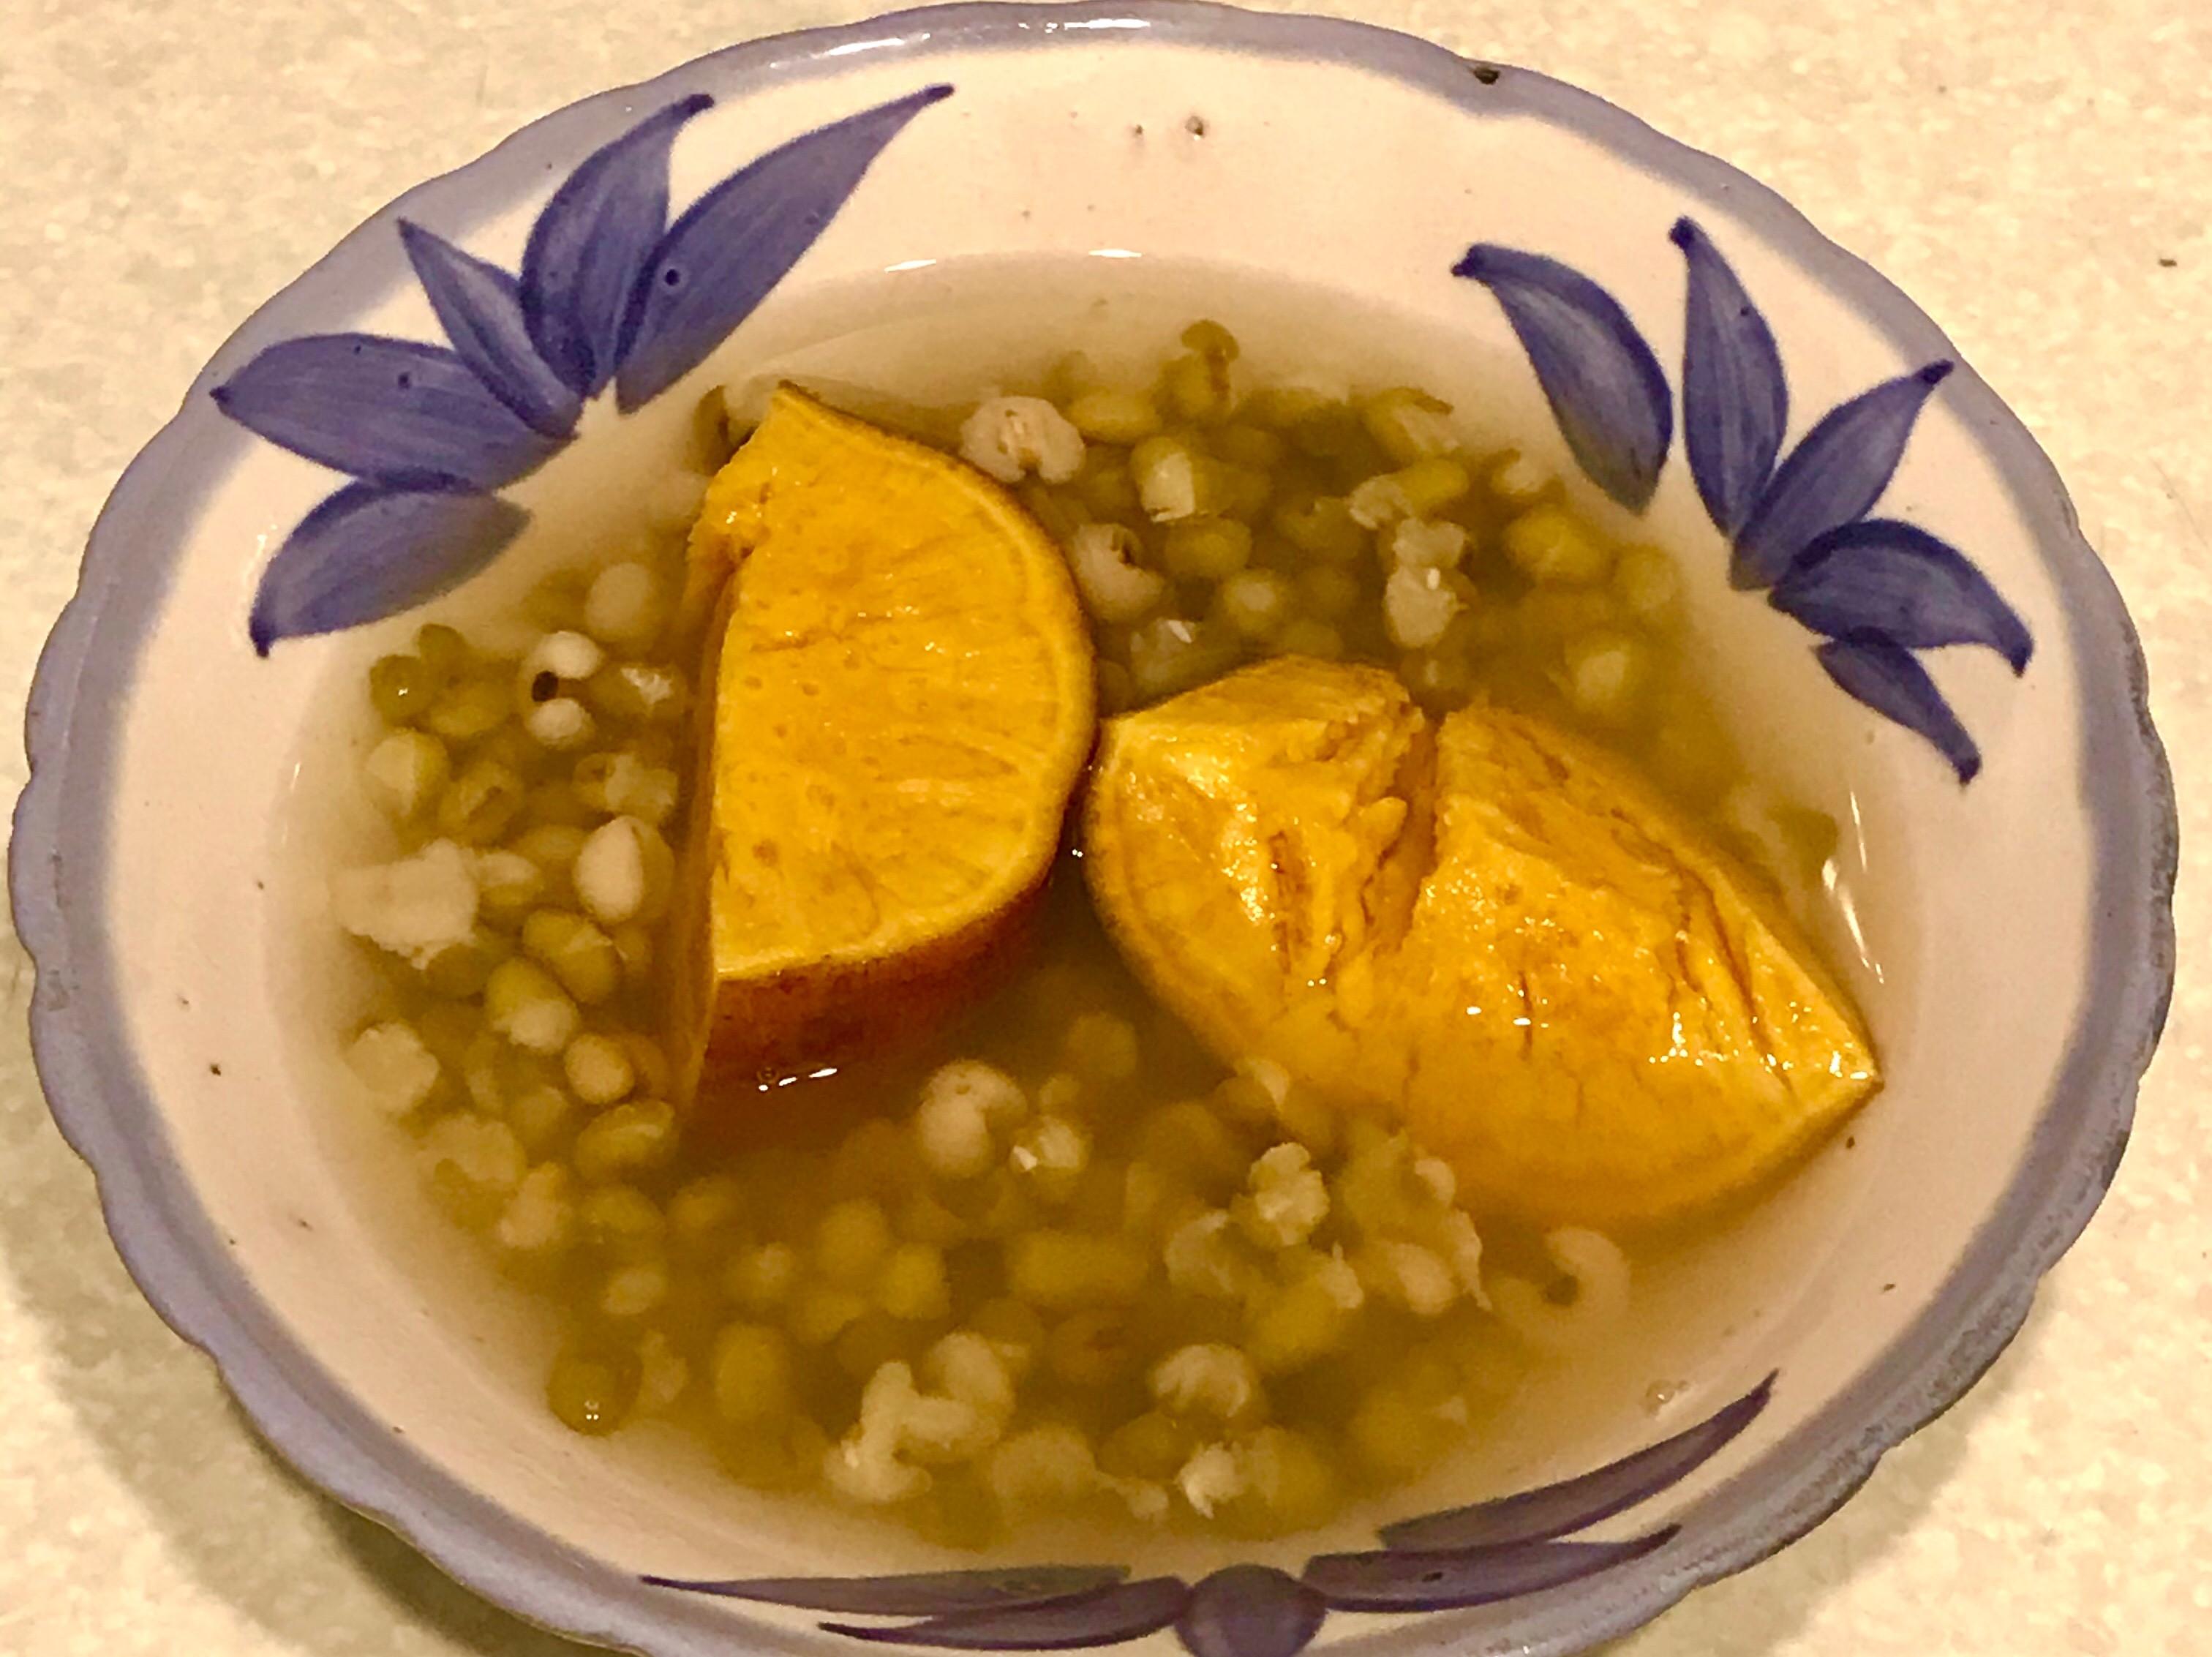 綠豆薏仁地瓜湯[壓力鍋版]